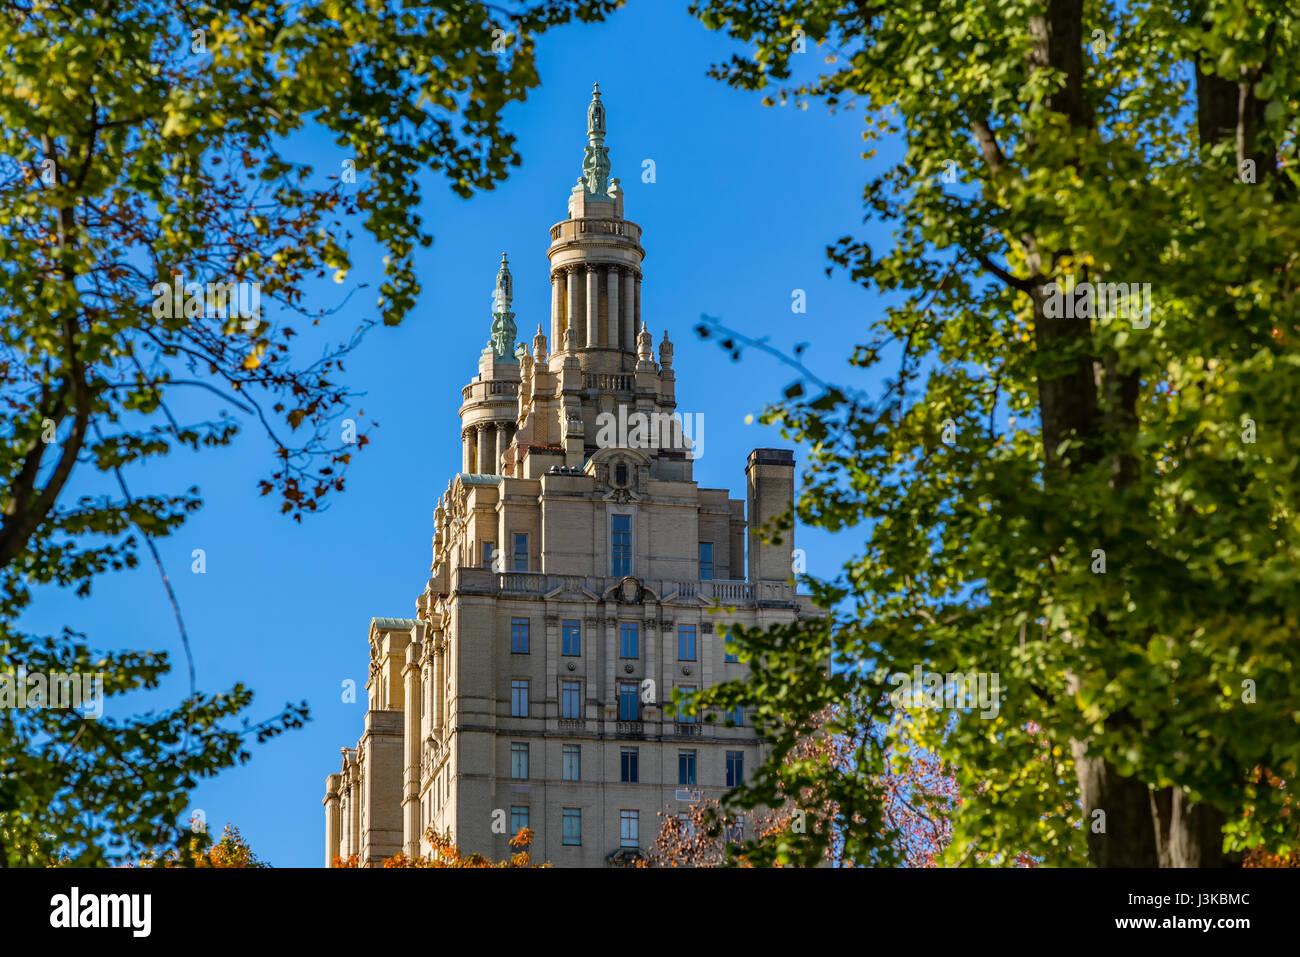 Las torres del edificio San Remo en el Upper West Side. Manhattan, Ciudad de Nueva York Imagen De Stock